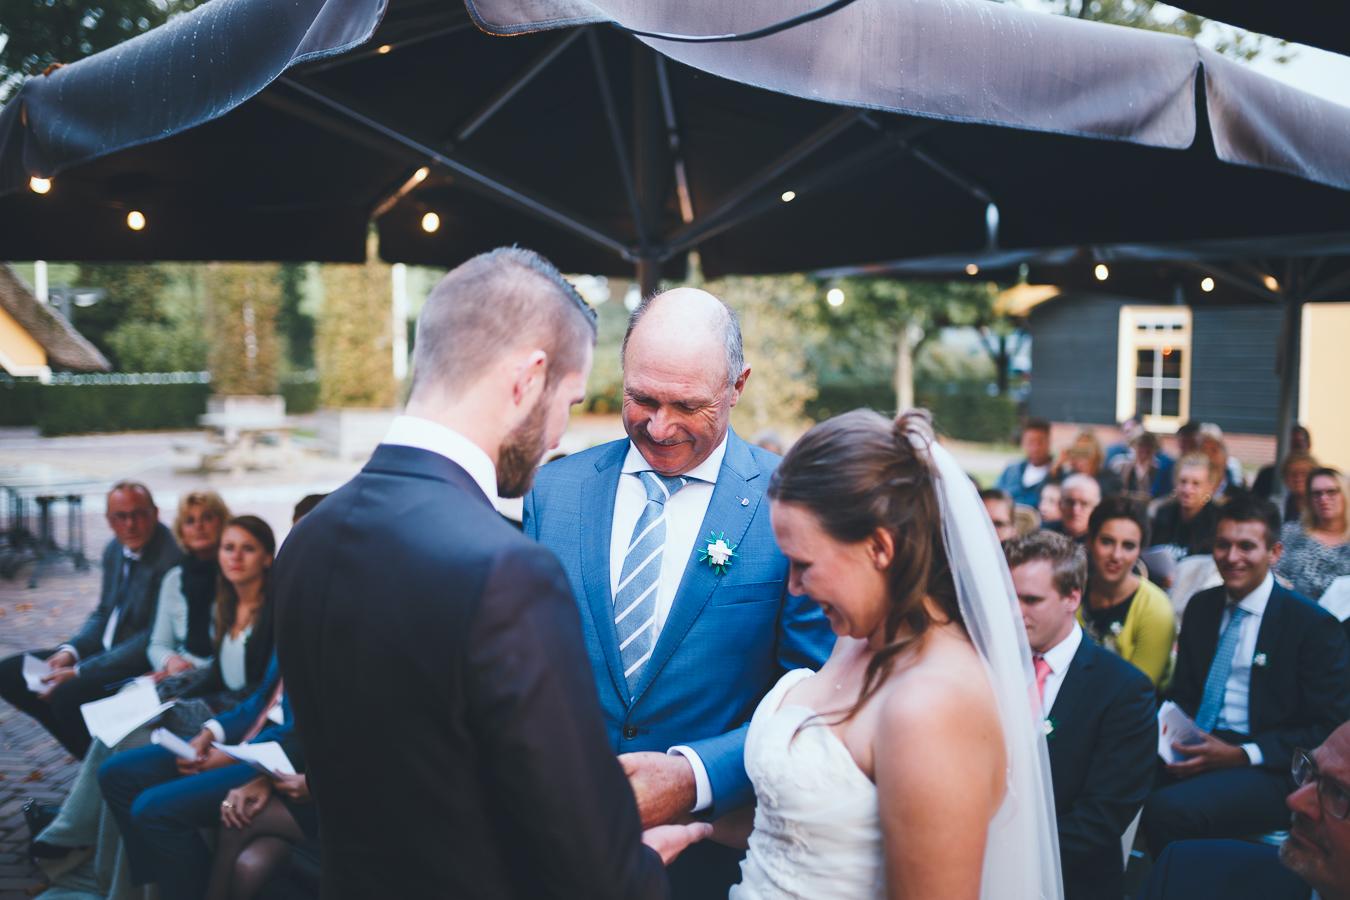 Trouwfotograaf bruid wordt door haar vader aan bruidegom gegeven